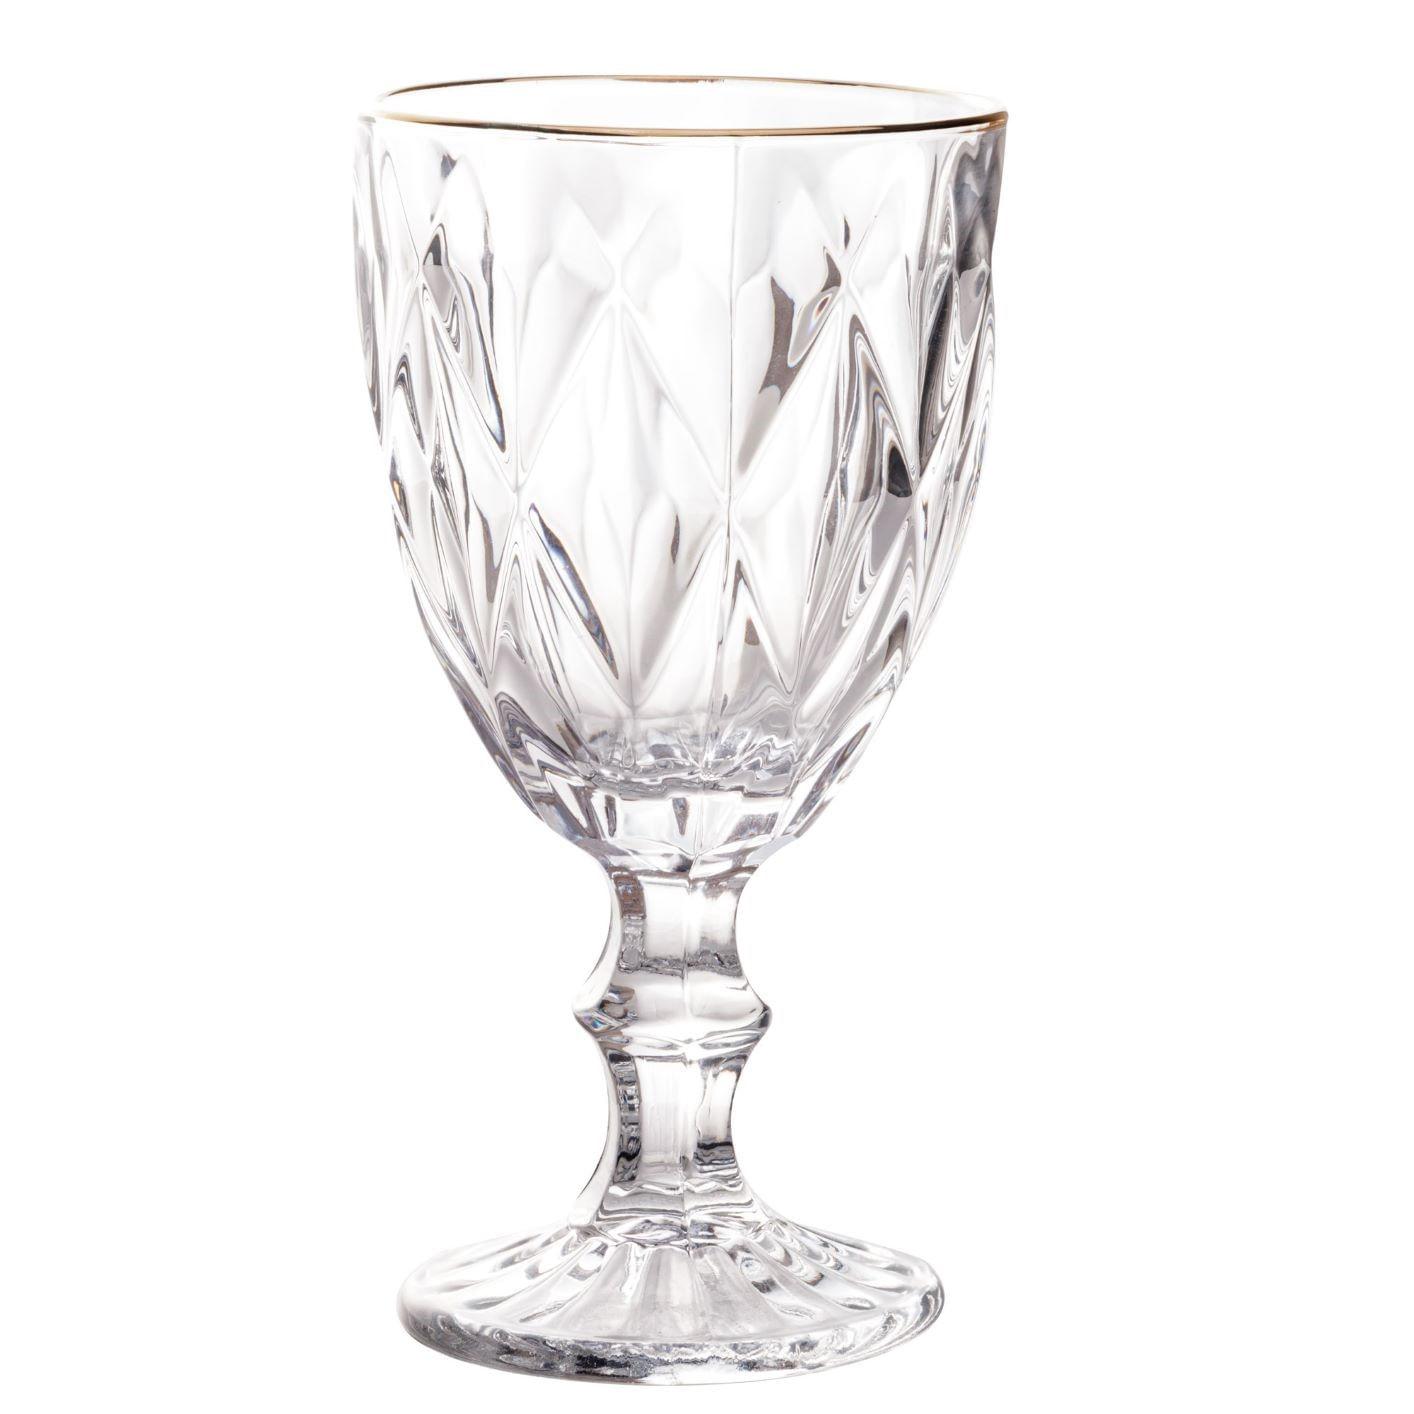 Kit 6 Taças com Fio de Ouro - Diamond Transparente 325ml